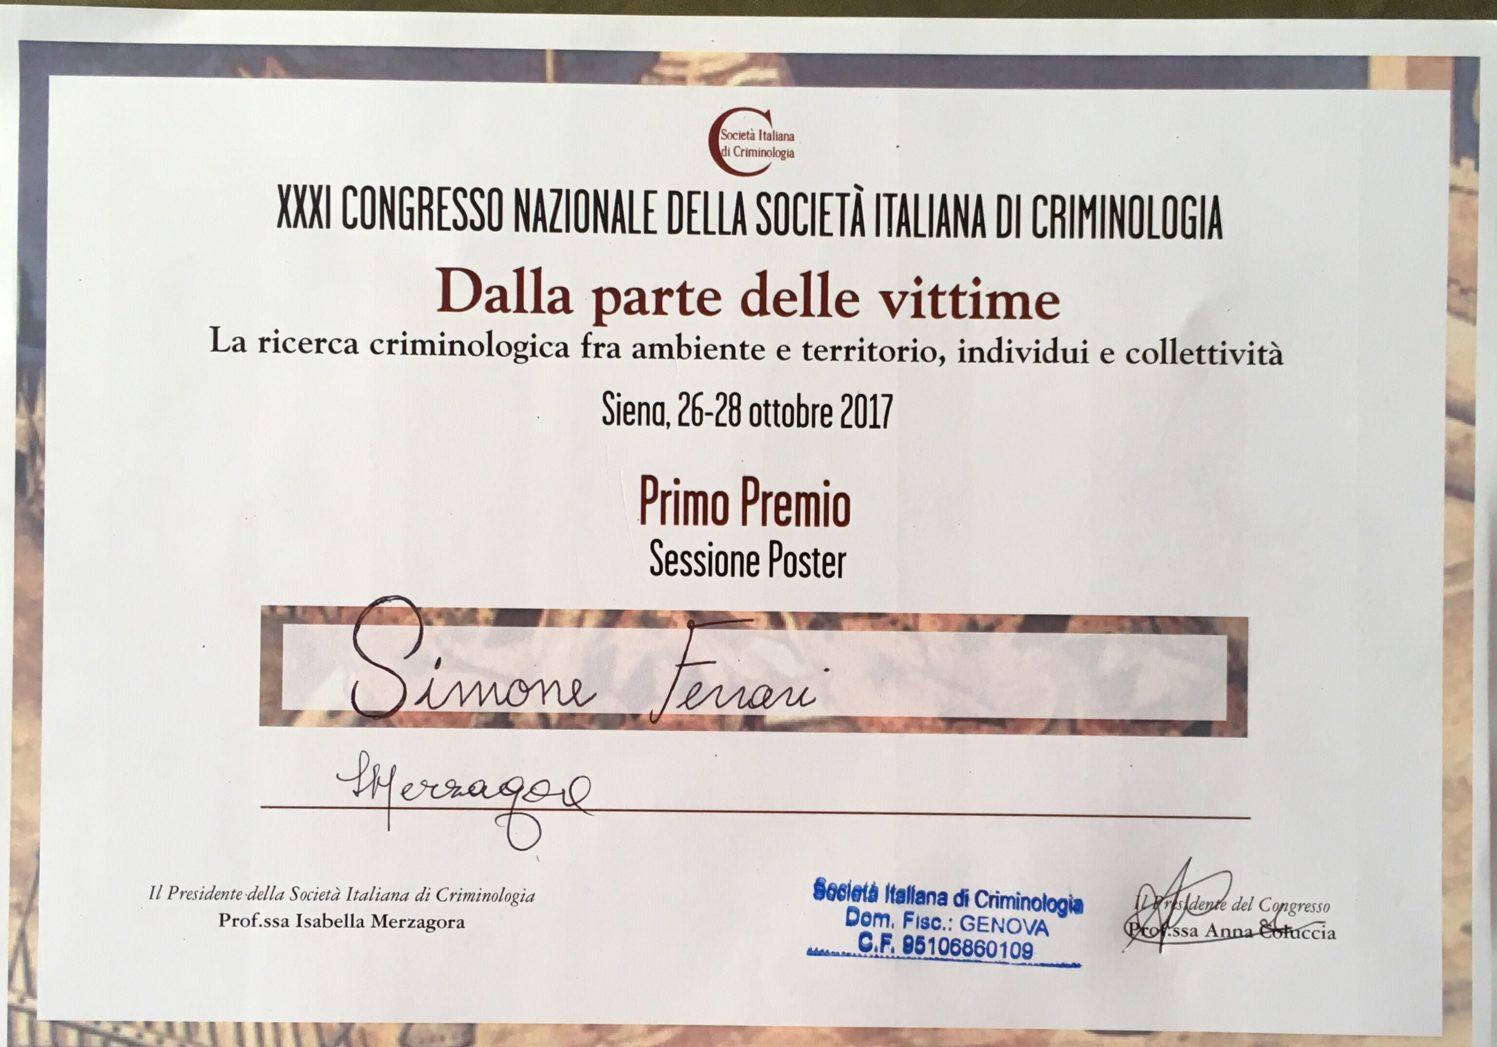 Sic primo premio a simone ferrari sessione poster laic for Societa italiana di criminologia